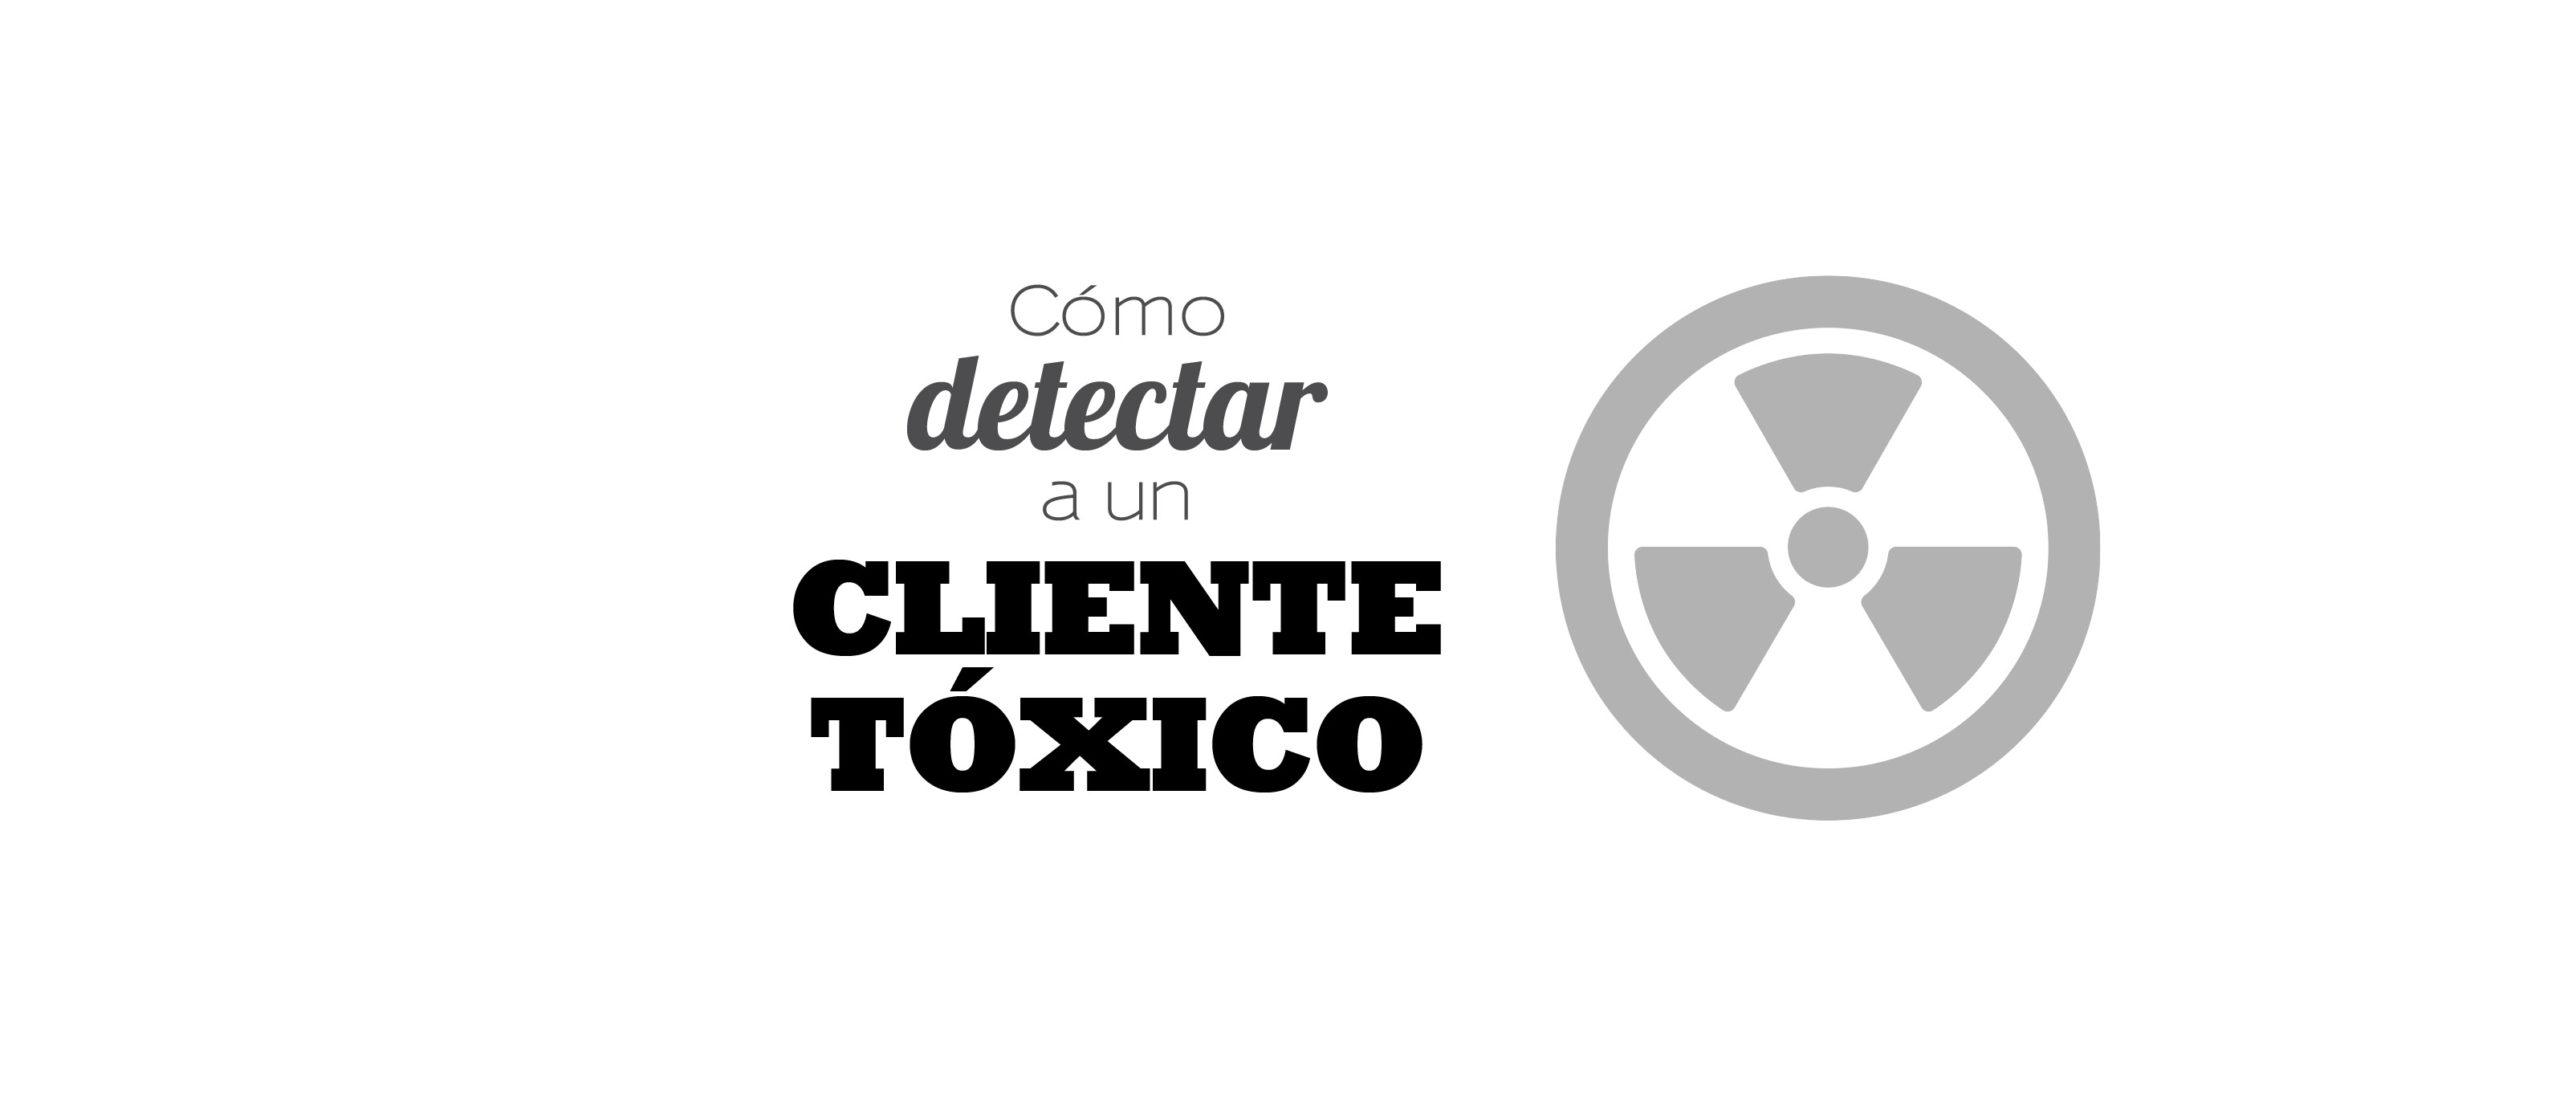 Como detectar a un cliente tóxico